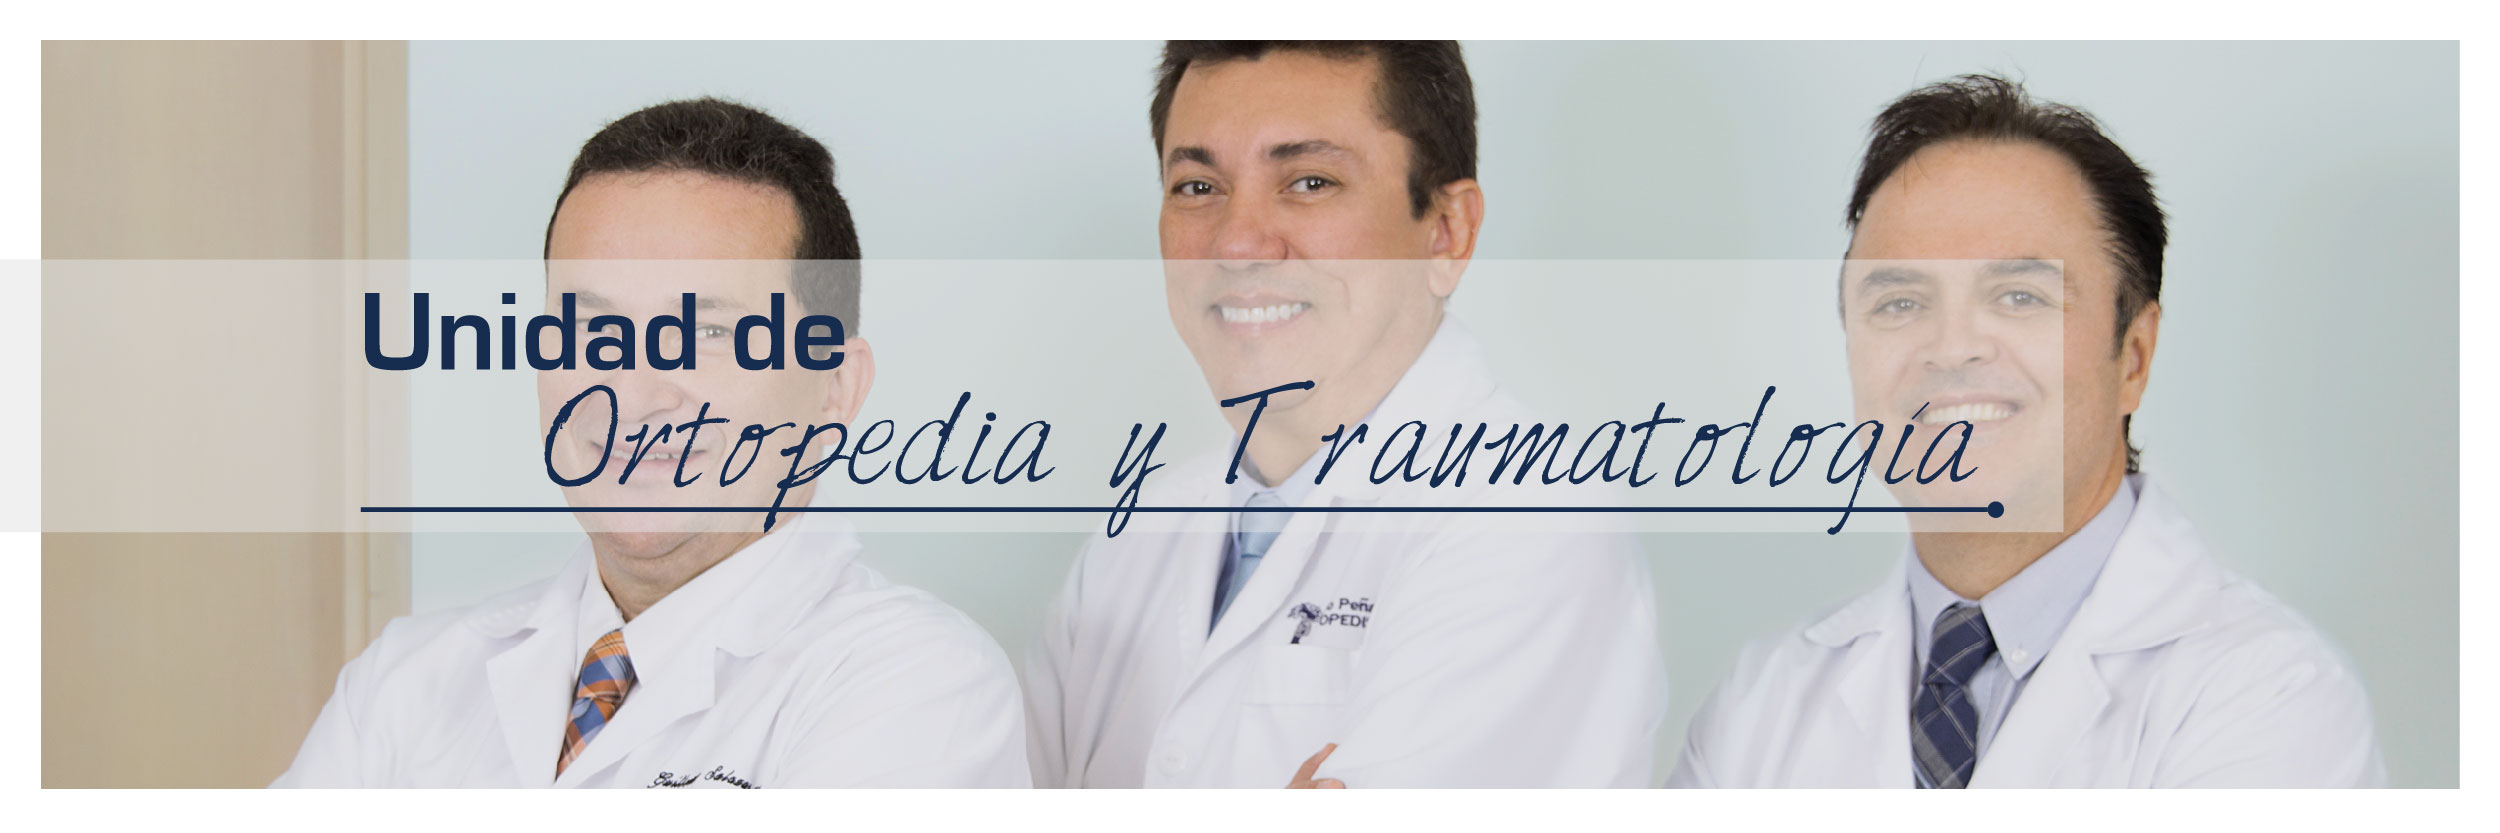 Especialistas en Ortopedia y Traumatología en la Clínica del Norte en Bello Antioquia